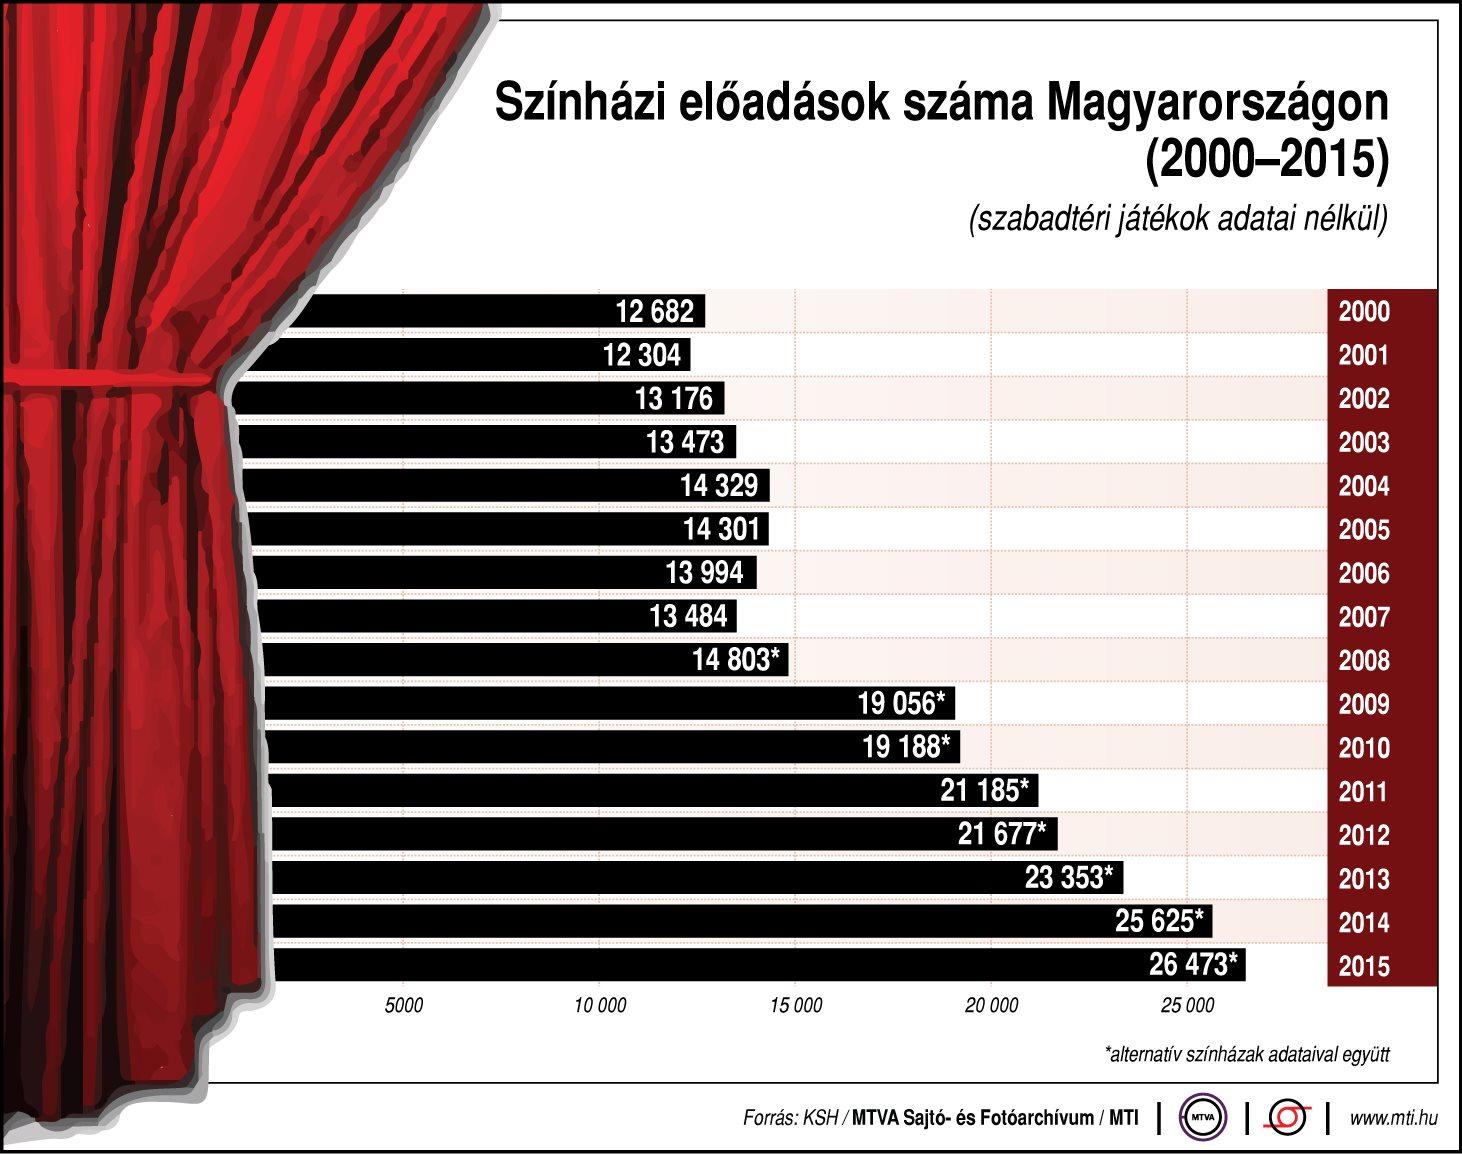 Színházi előadások száma Magyarországon, 2000-2015; szabadtéri játékok adatai nélkül